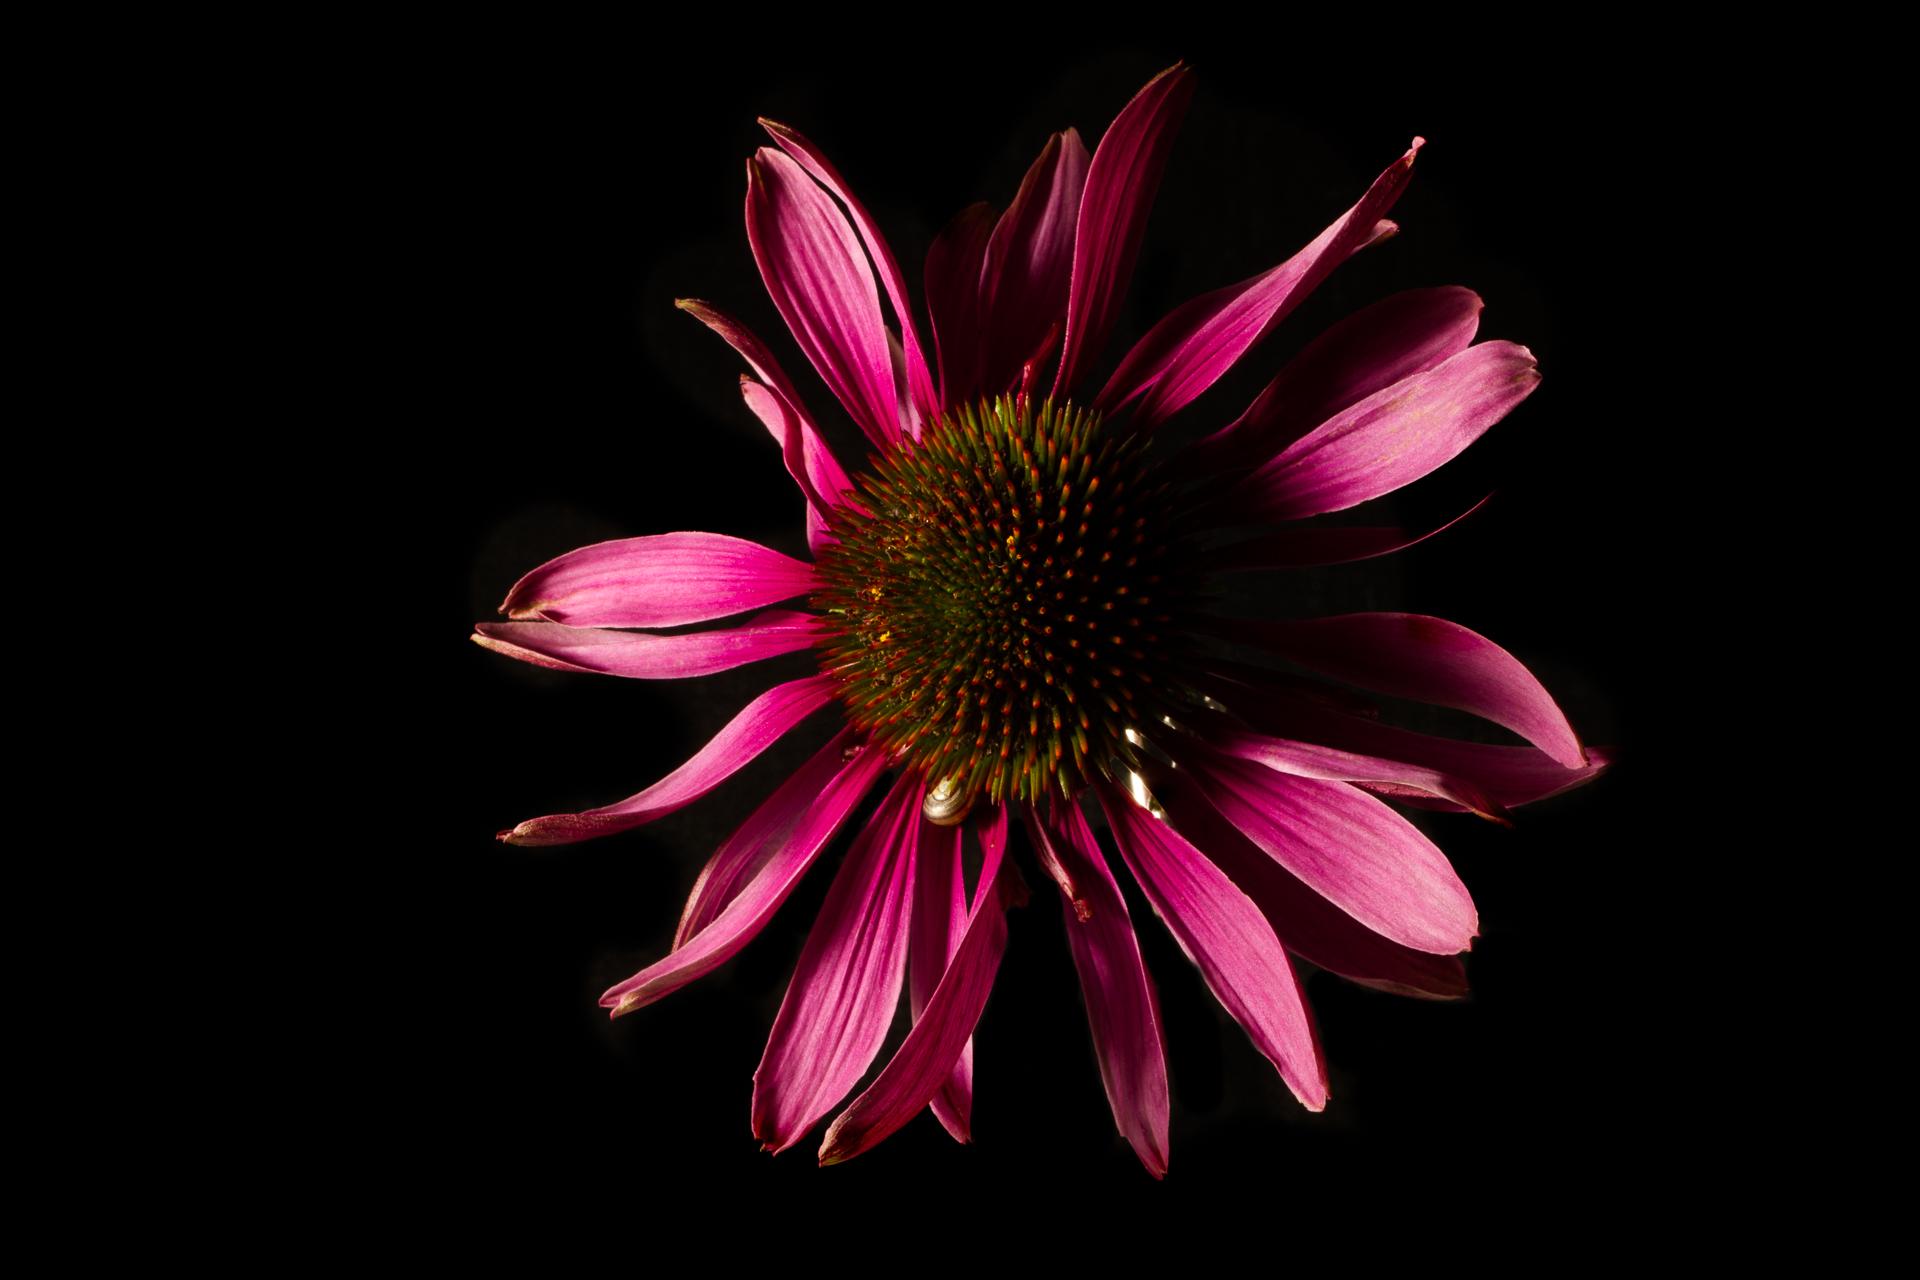 Rödsolhatt med svart bakgrund, blixtljus på blomman